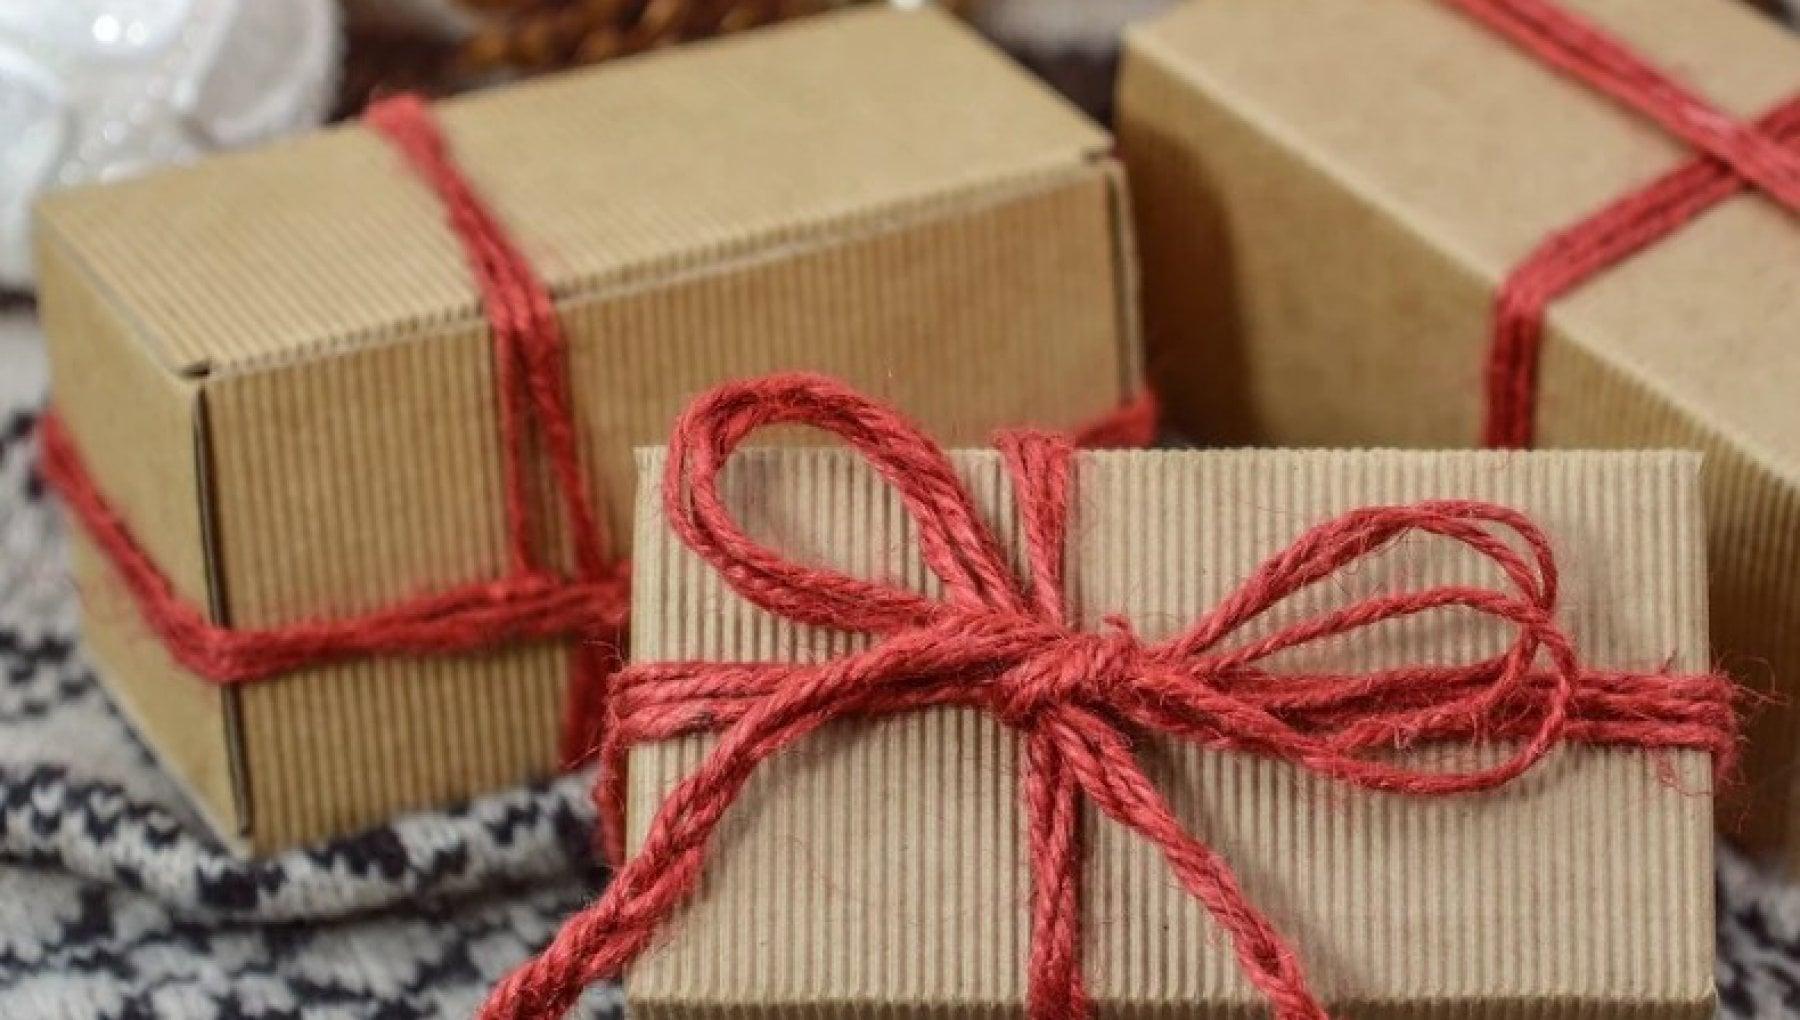 Natale vince il regalo riciclato quasi la meta degli italiani rincarta i doni